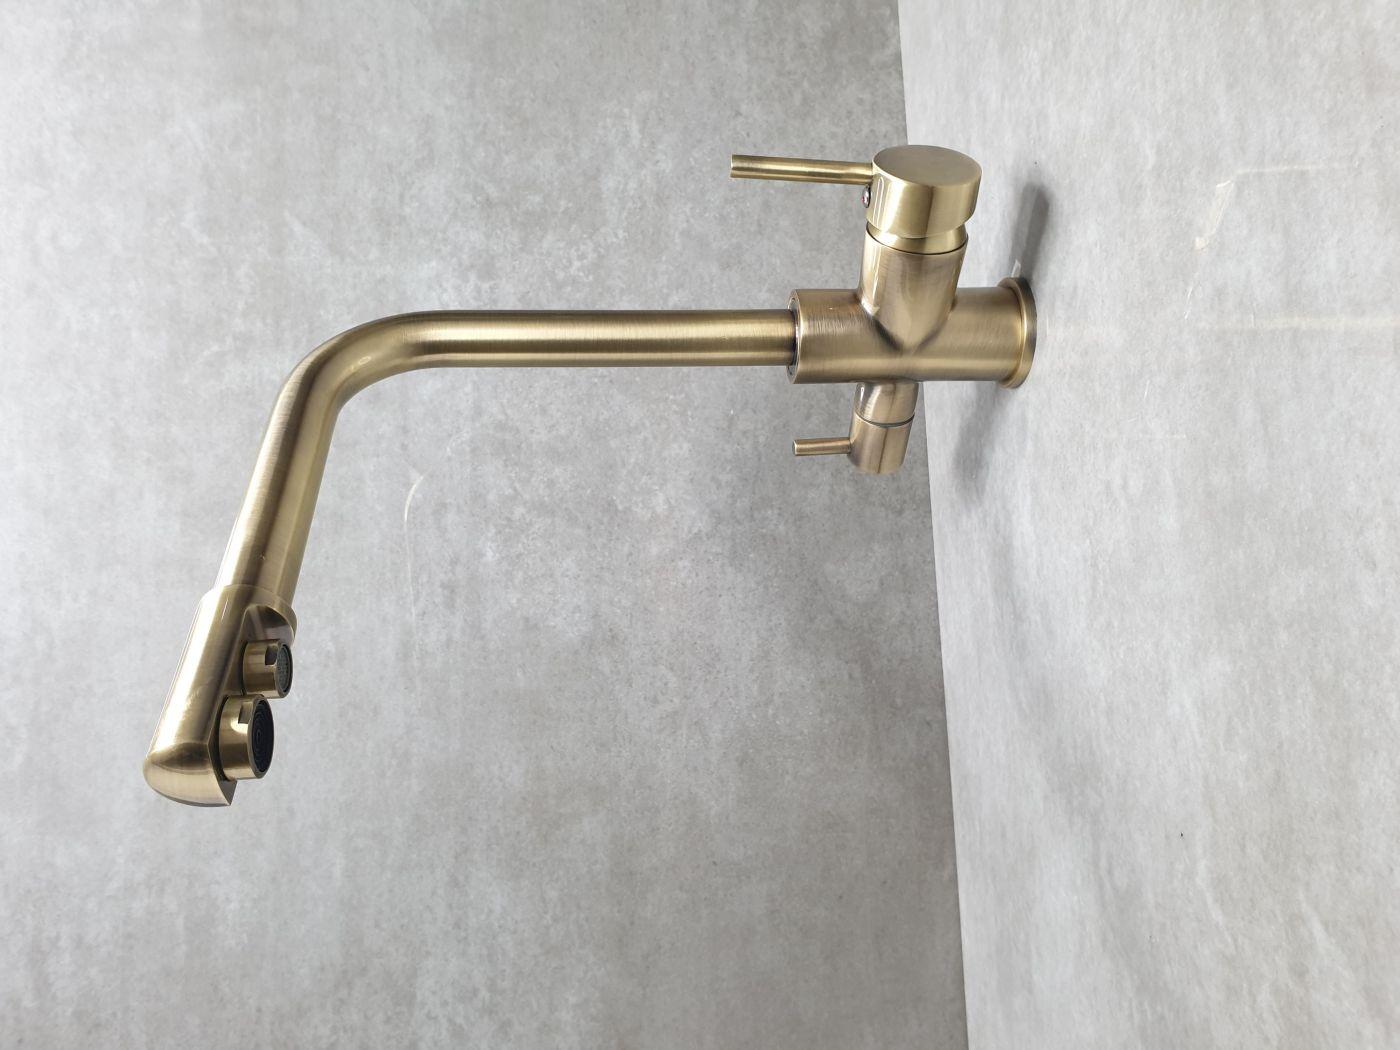 Смеситель для кухни с выходом под фильтр Frud R43053-4